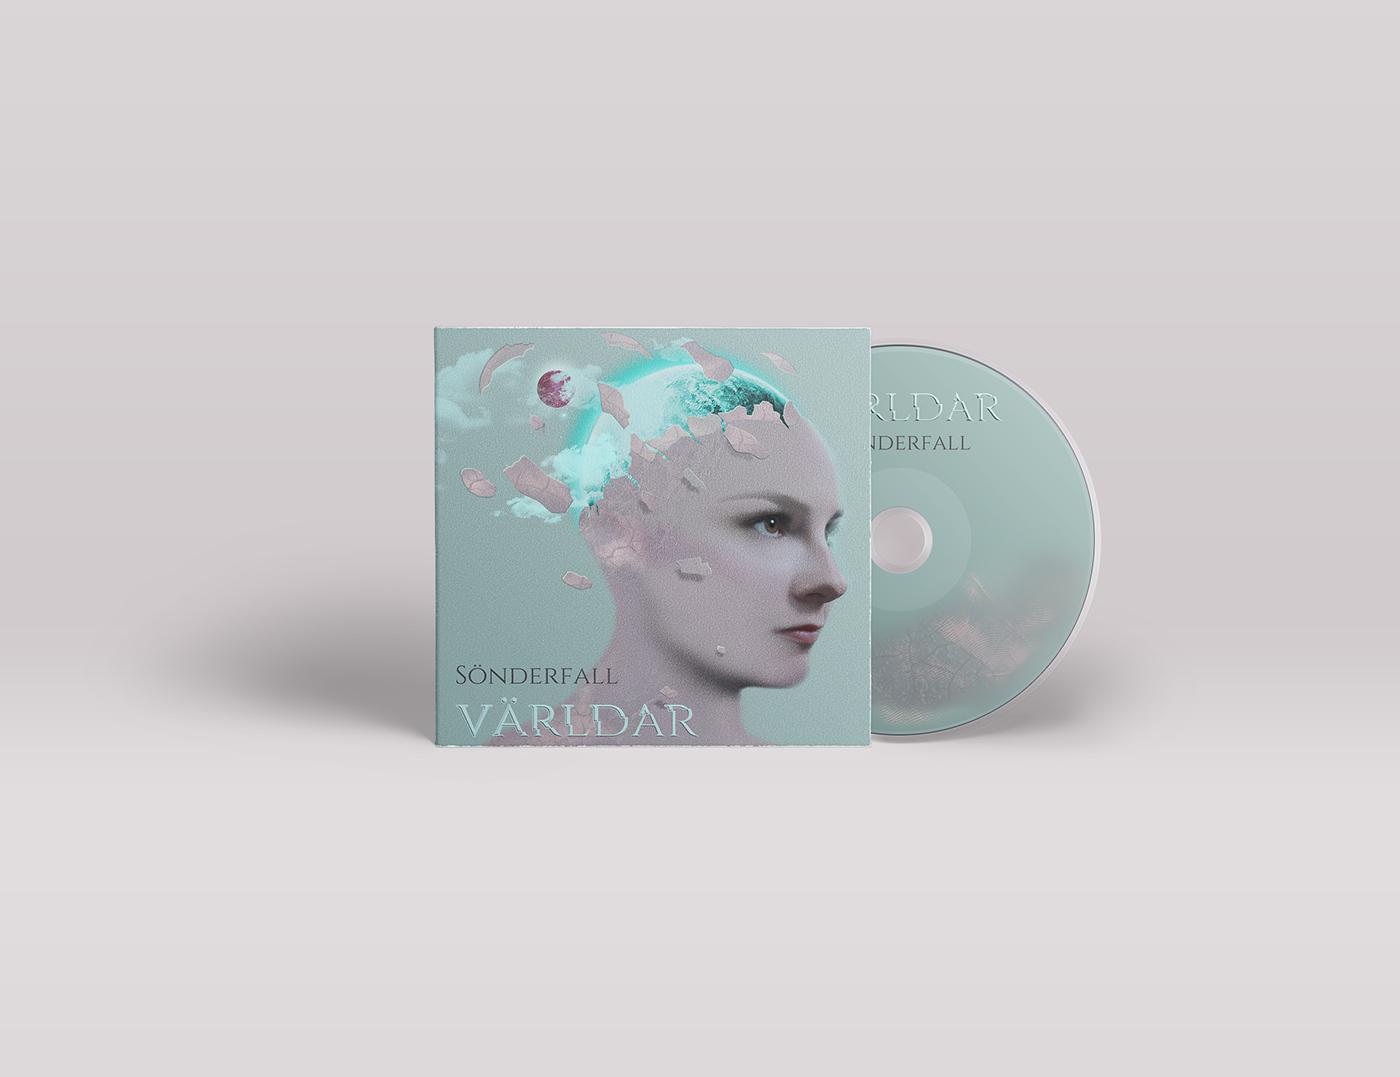 有設計感的29款CD封面設計欣賞